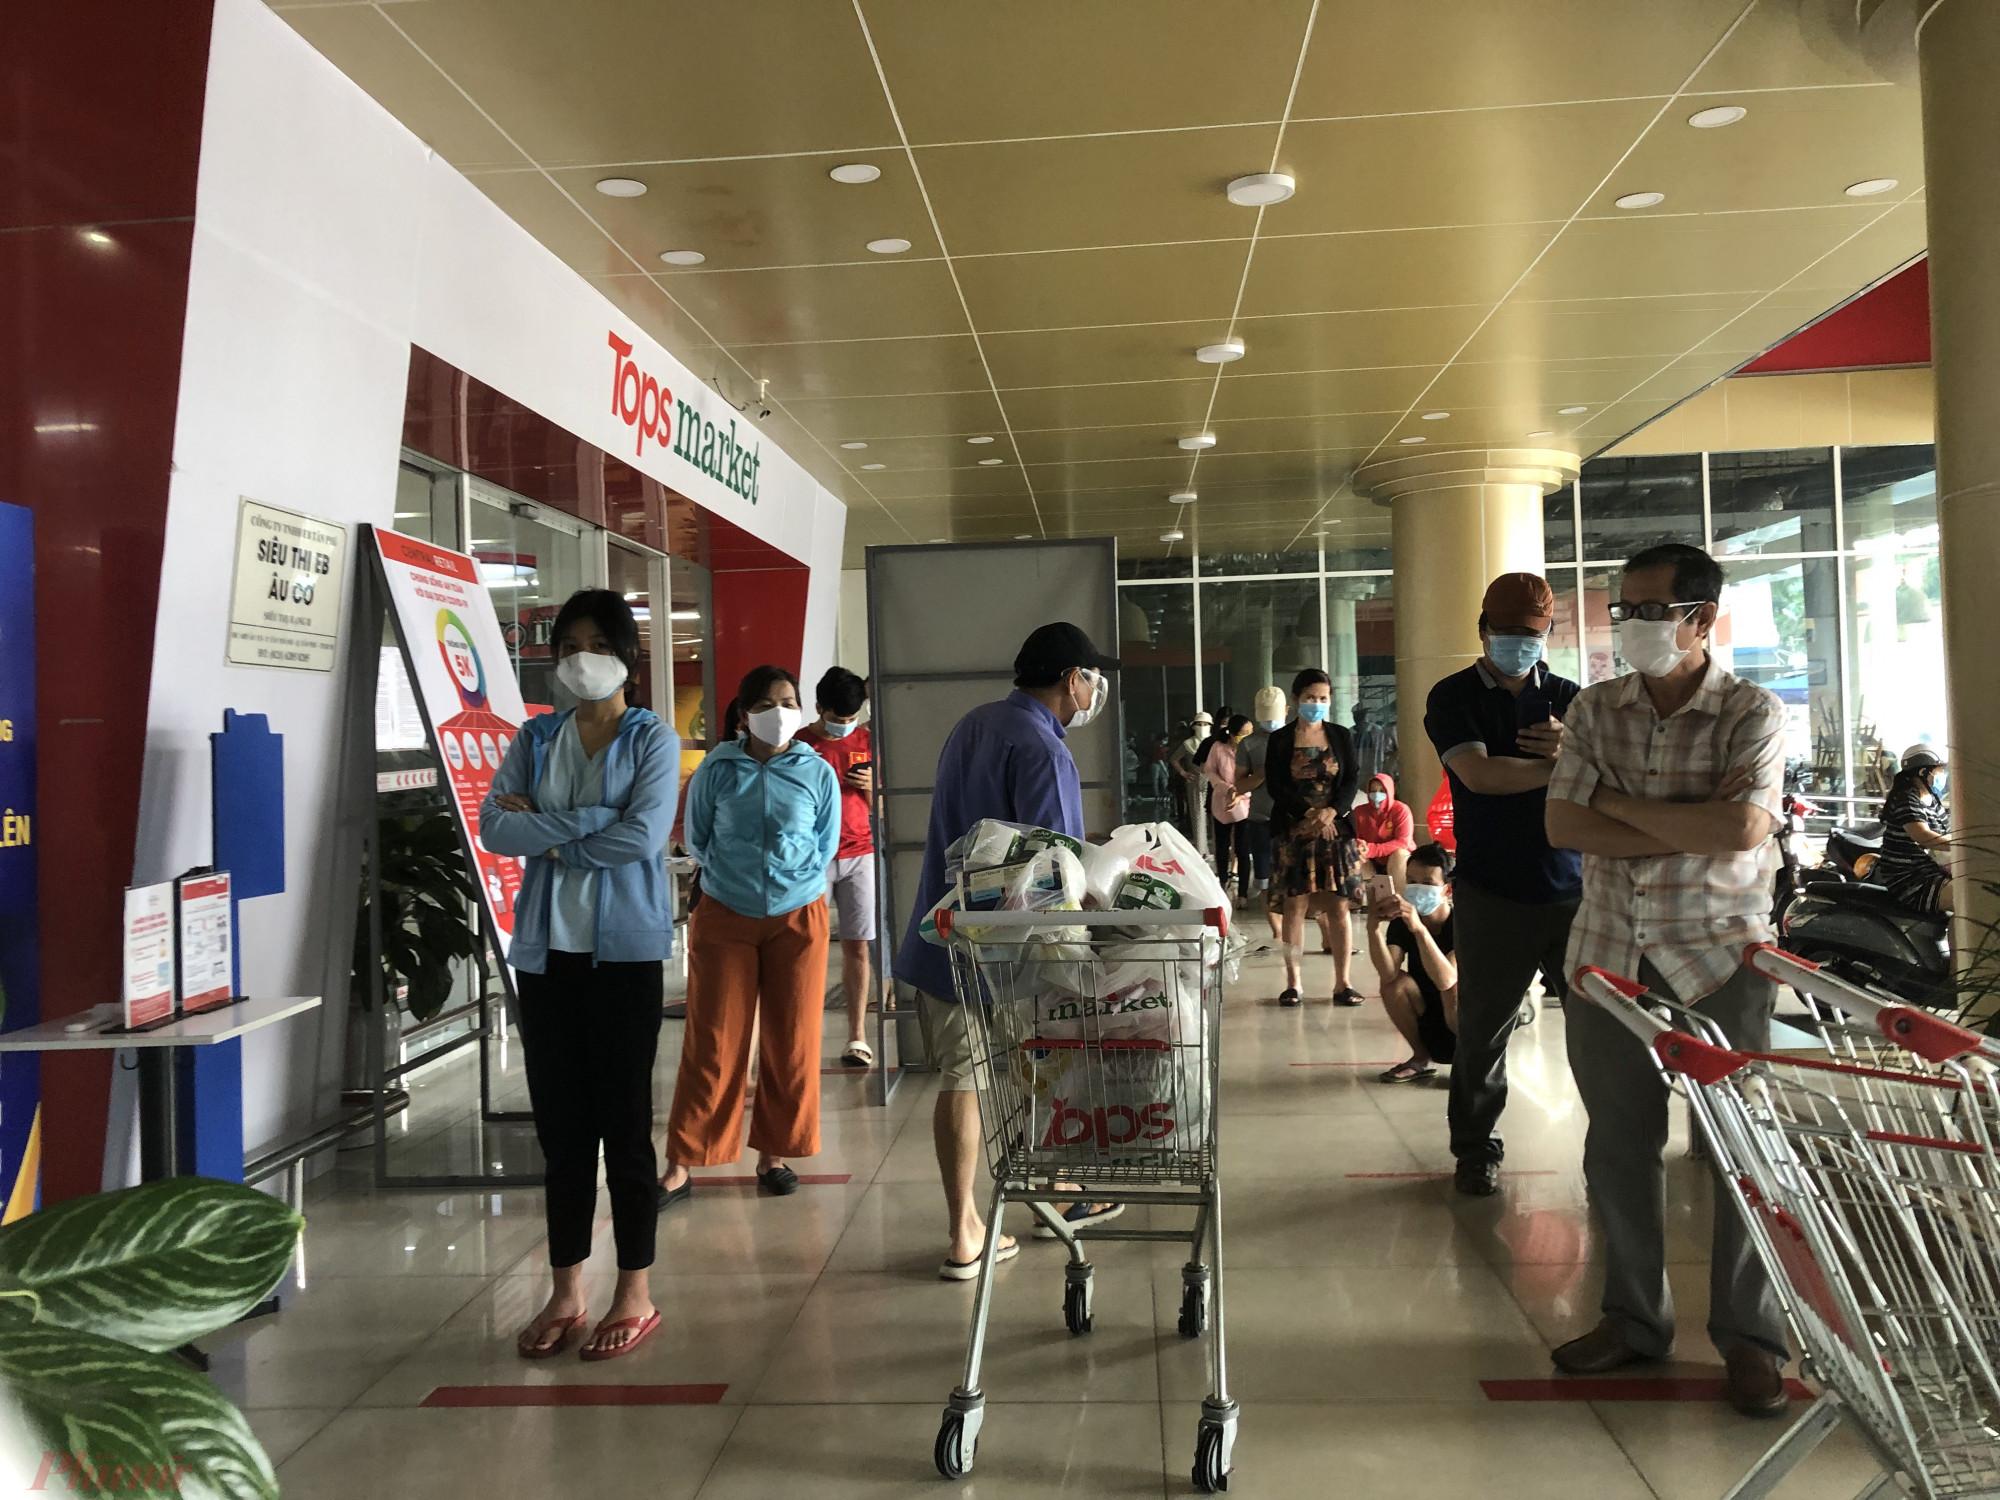 Nếu như tại các cửa hàng tiện lợi, không còn cảnh xếp hàng dài thì tại siêu thị TopMart đường Âu Cơ (Q.Tân Bình, TPHCM) khách xếp hàng khá đông